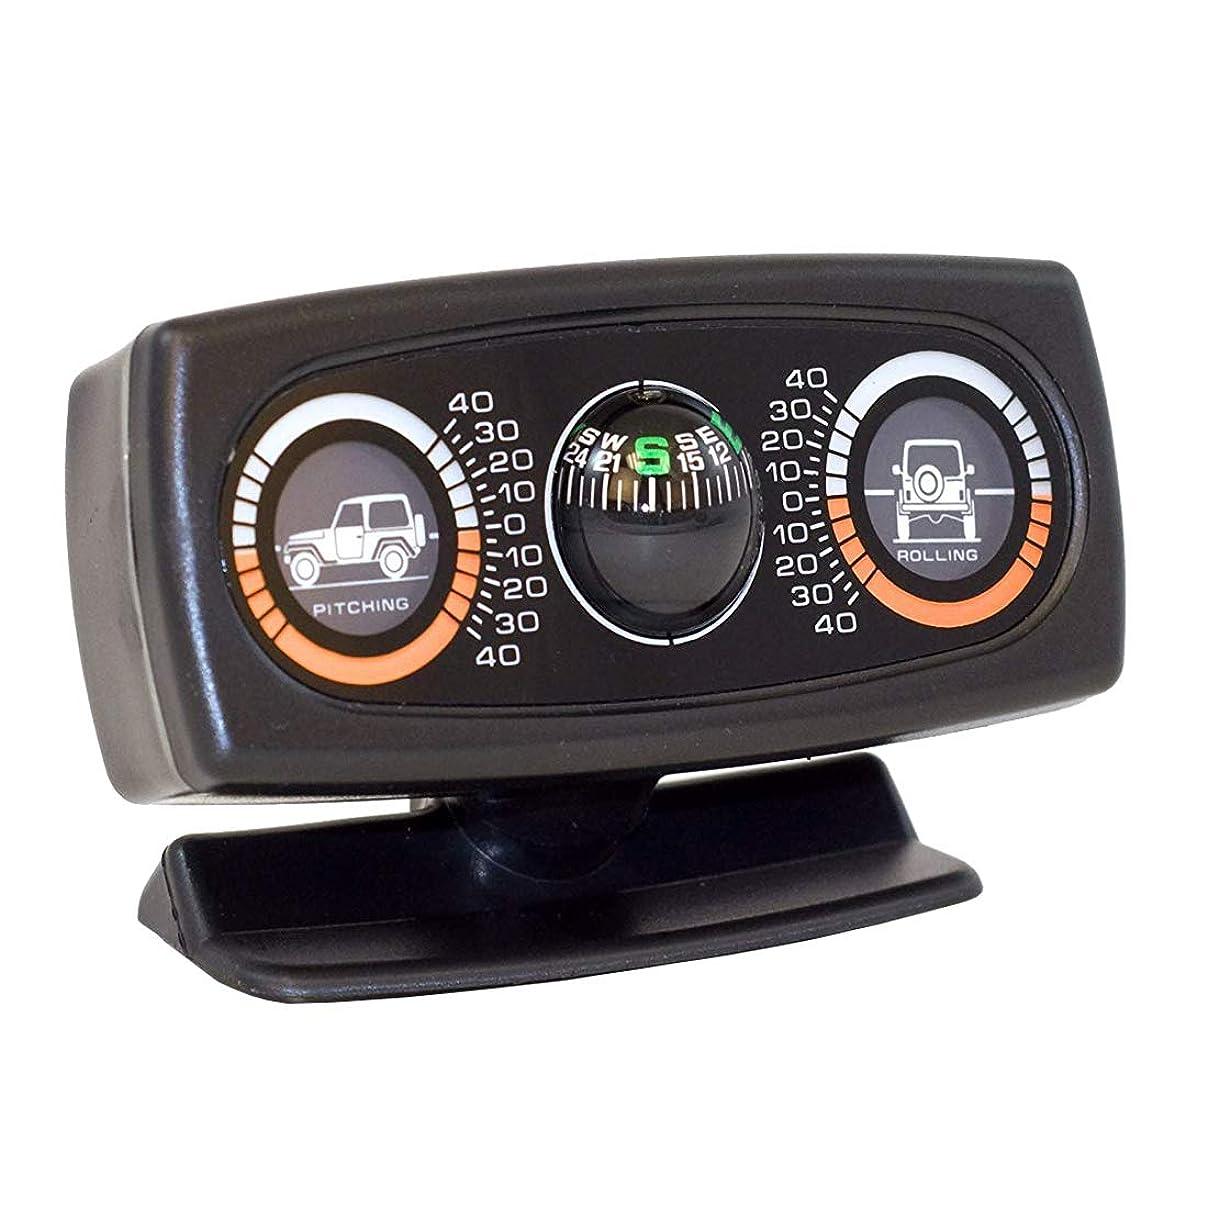 冗長お嬢ロールseiyishi 傾斜計 クライノメーター 夜間照明付き シガー電源12V 前後左右±40度対応 4WD車 キャンピングカー での悪路走破に SY-CQ-01